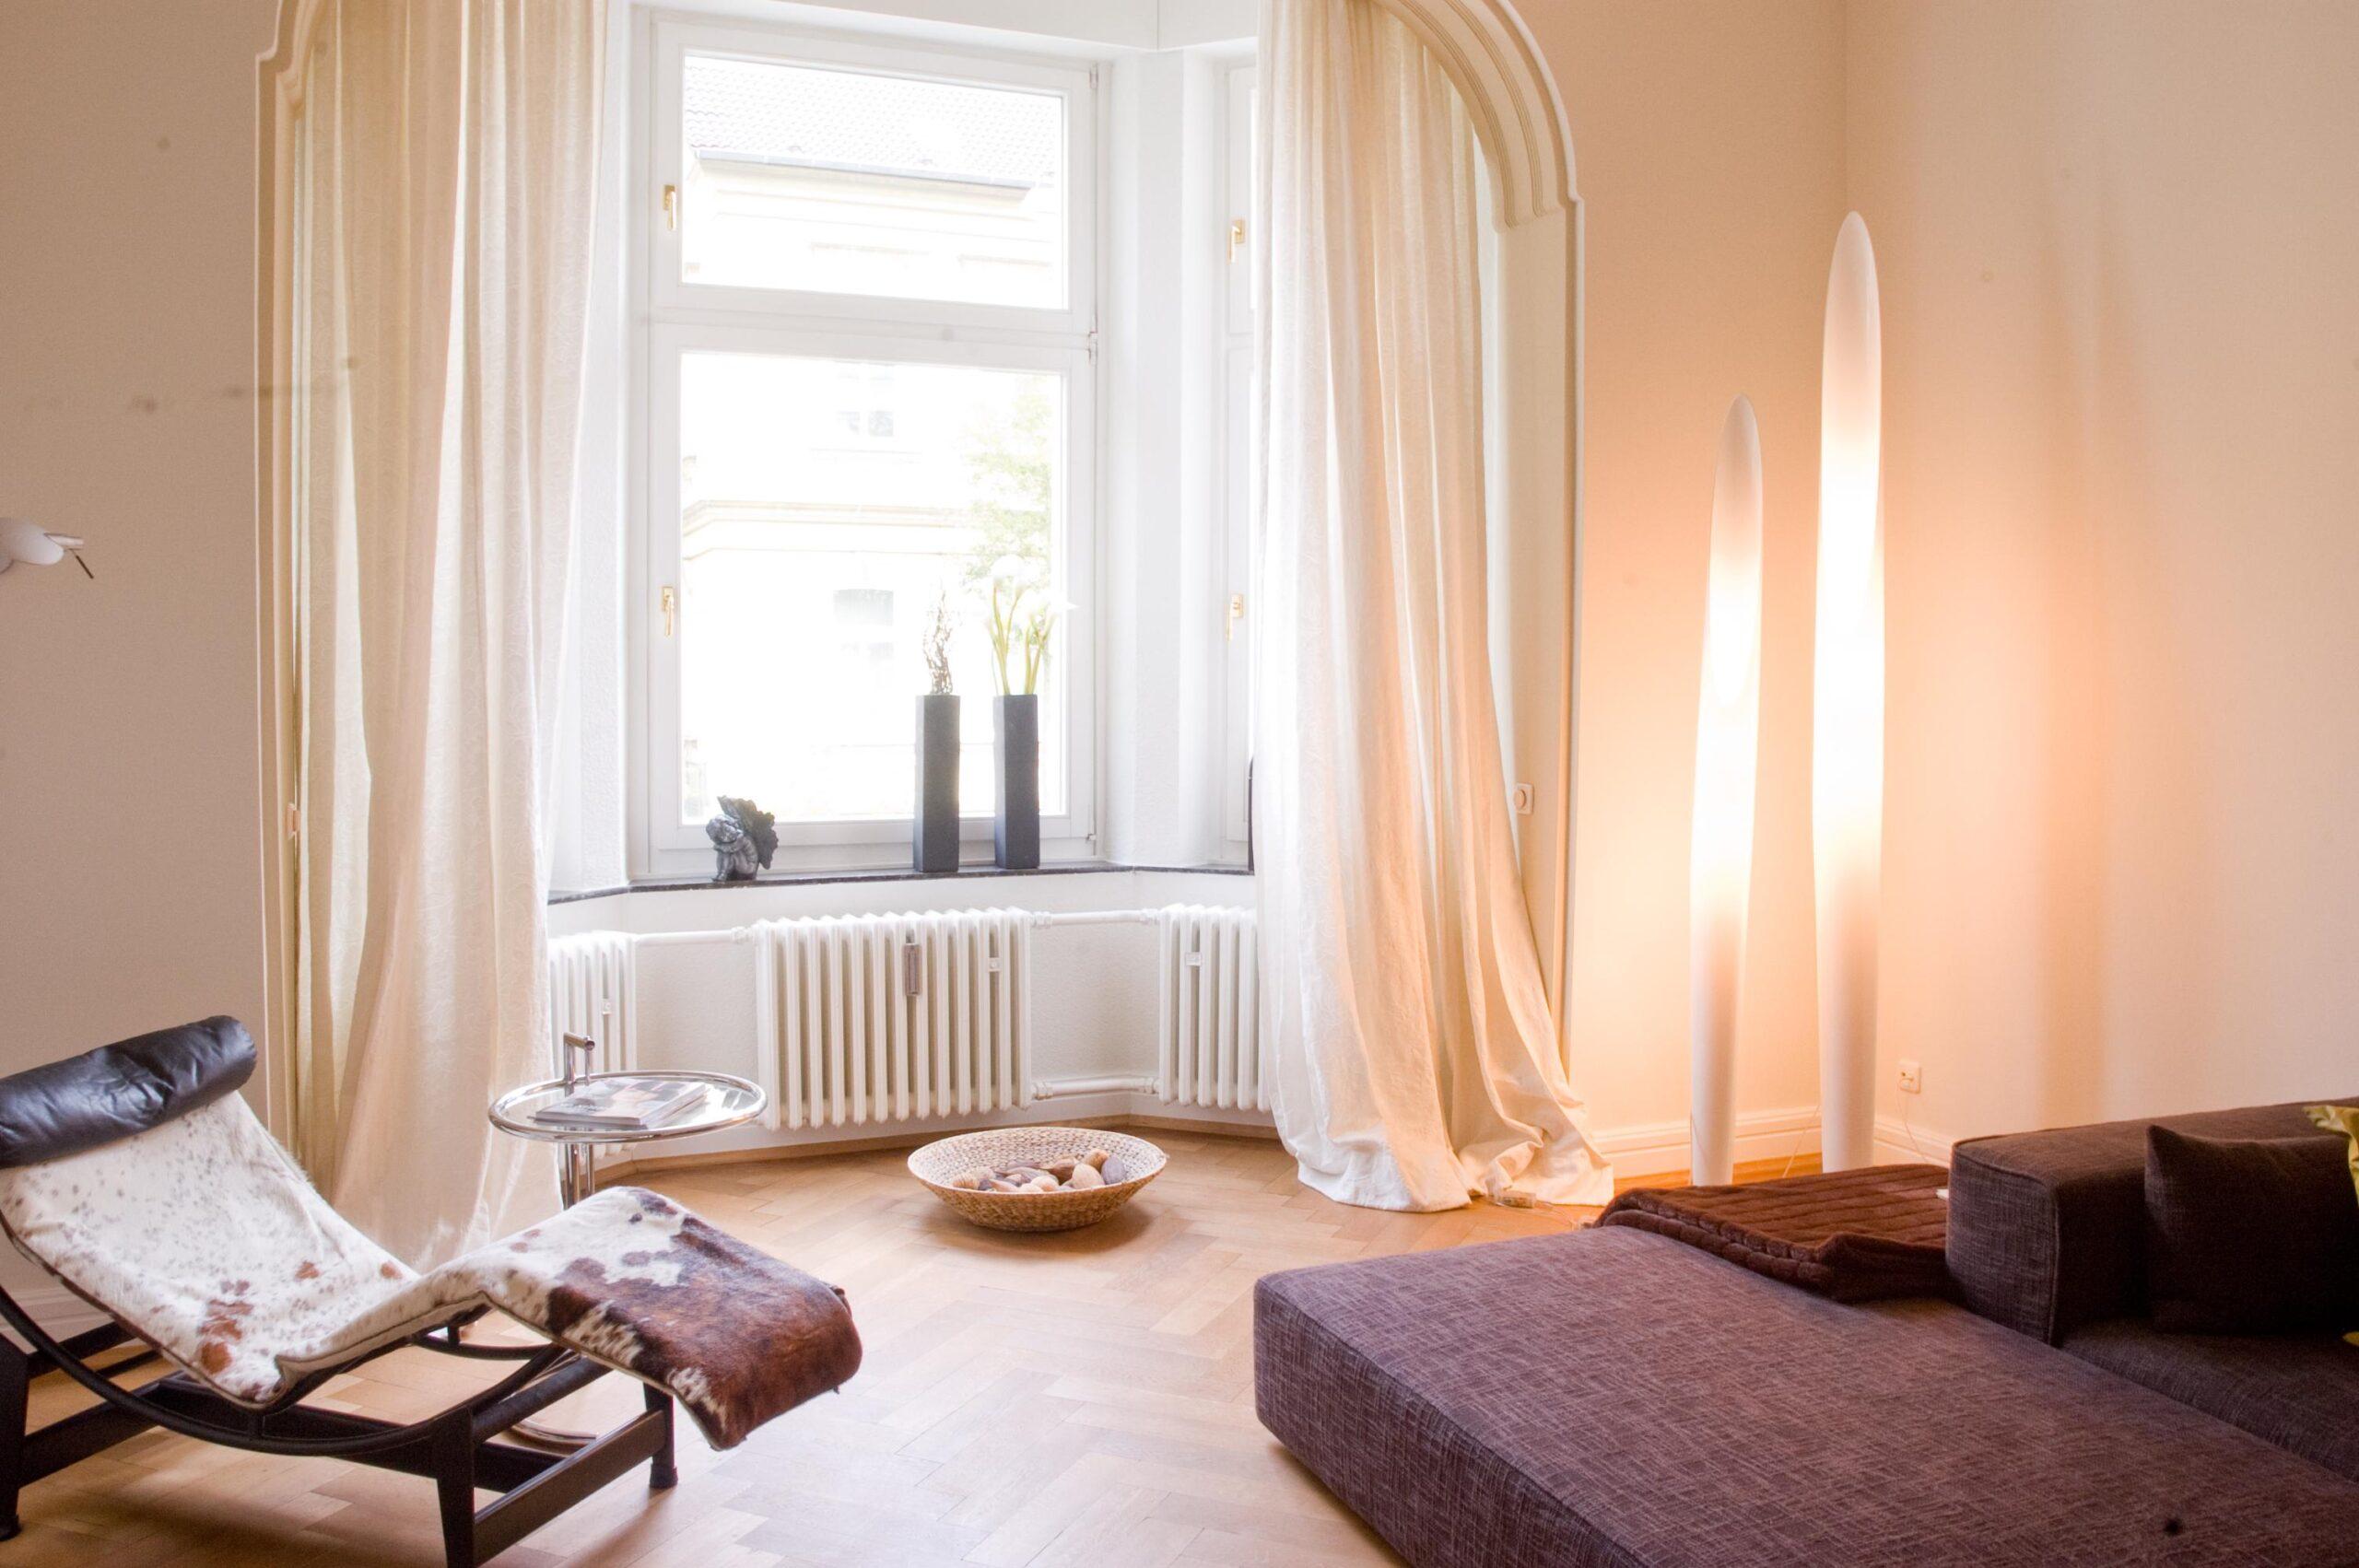 Full Size of Liegestuhl Für Wohnzimmer Ideen Zum Entspannen Bei Couch Deckenleuchte Hussen Sofa Poster Rollos Fenster Regal Kleidung Gardinen Garten Deckenlampen Regale Wohnzimmer Liegestuhl Für Wohnzimmer